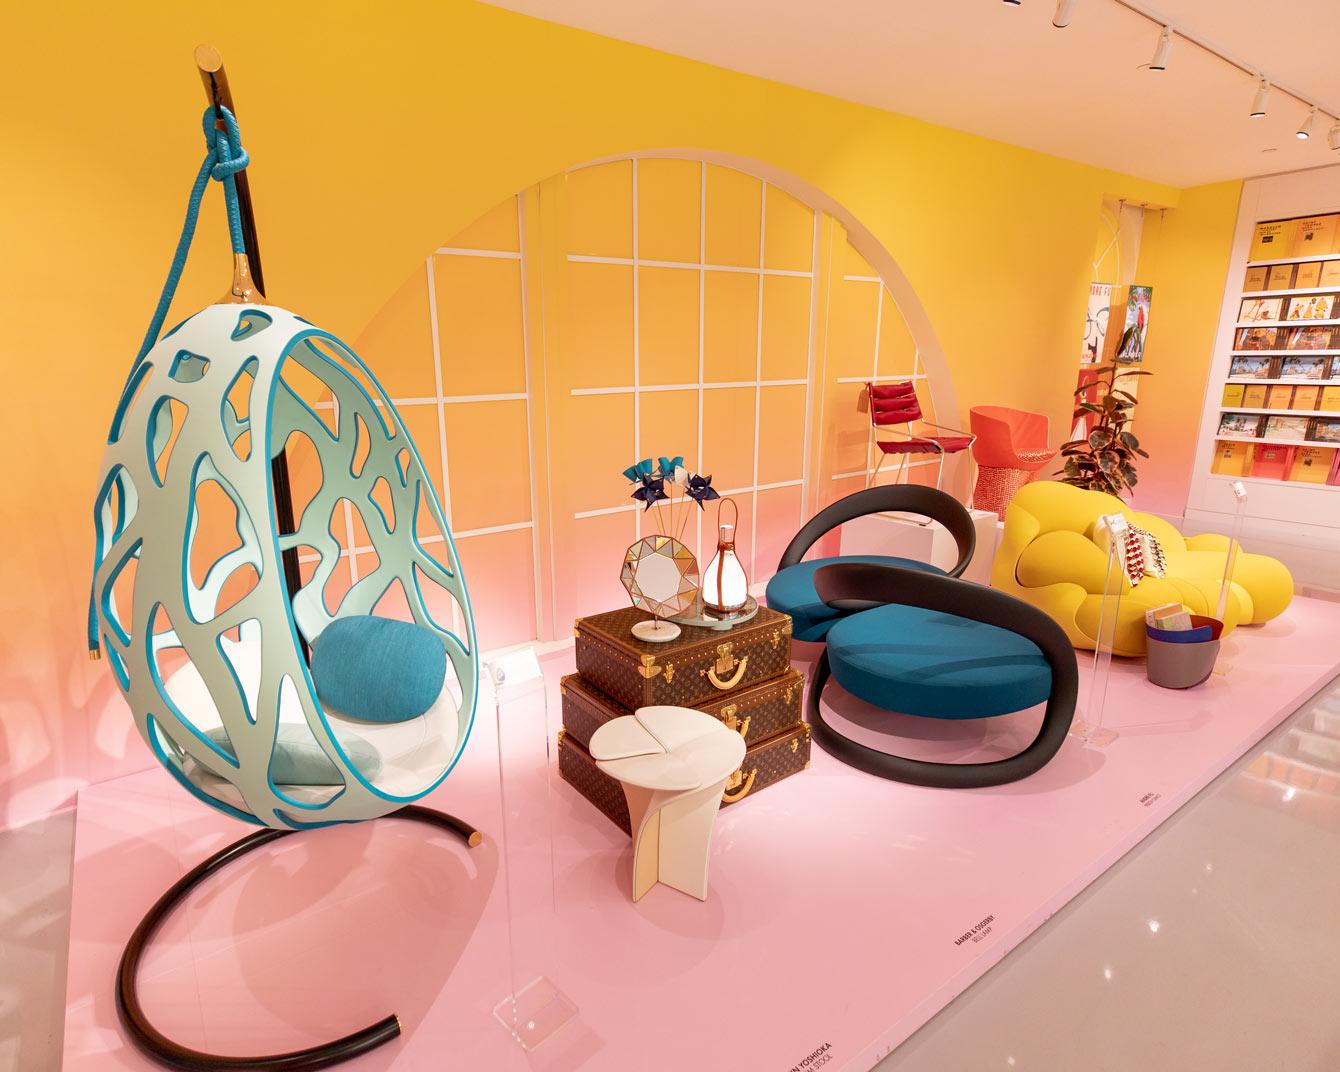 Louis Vuitton Pop Up Shop Rodeo Drive